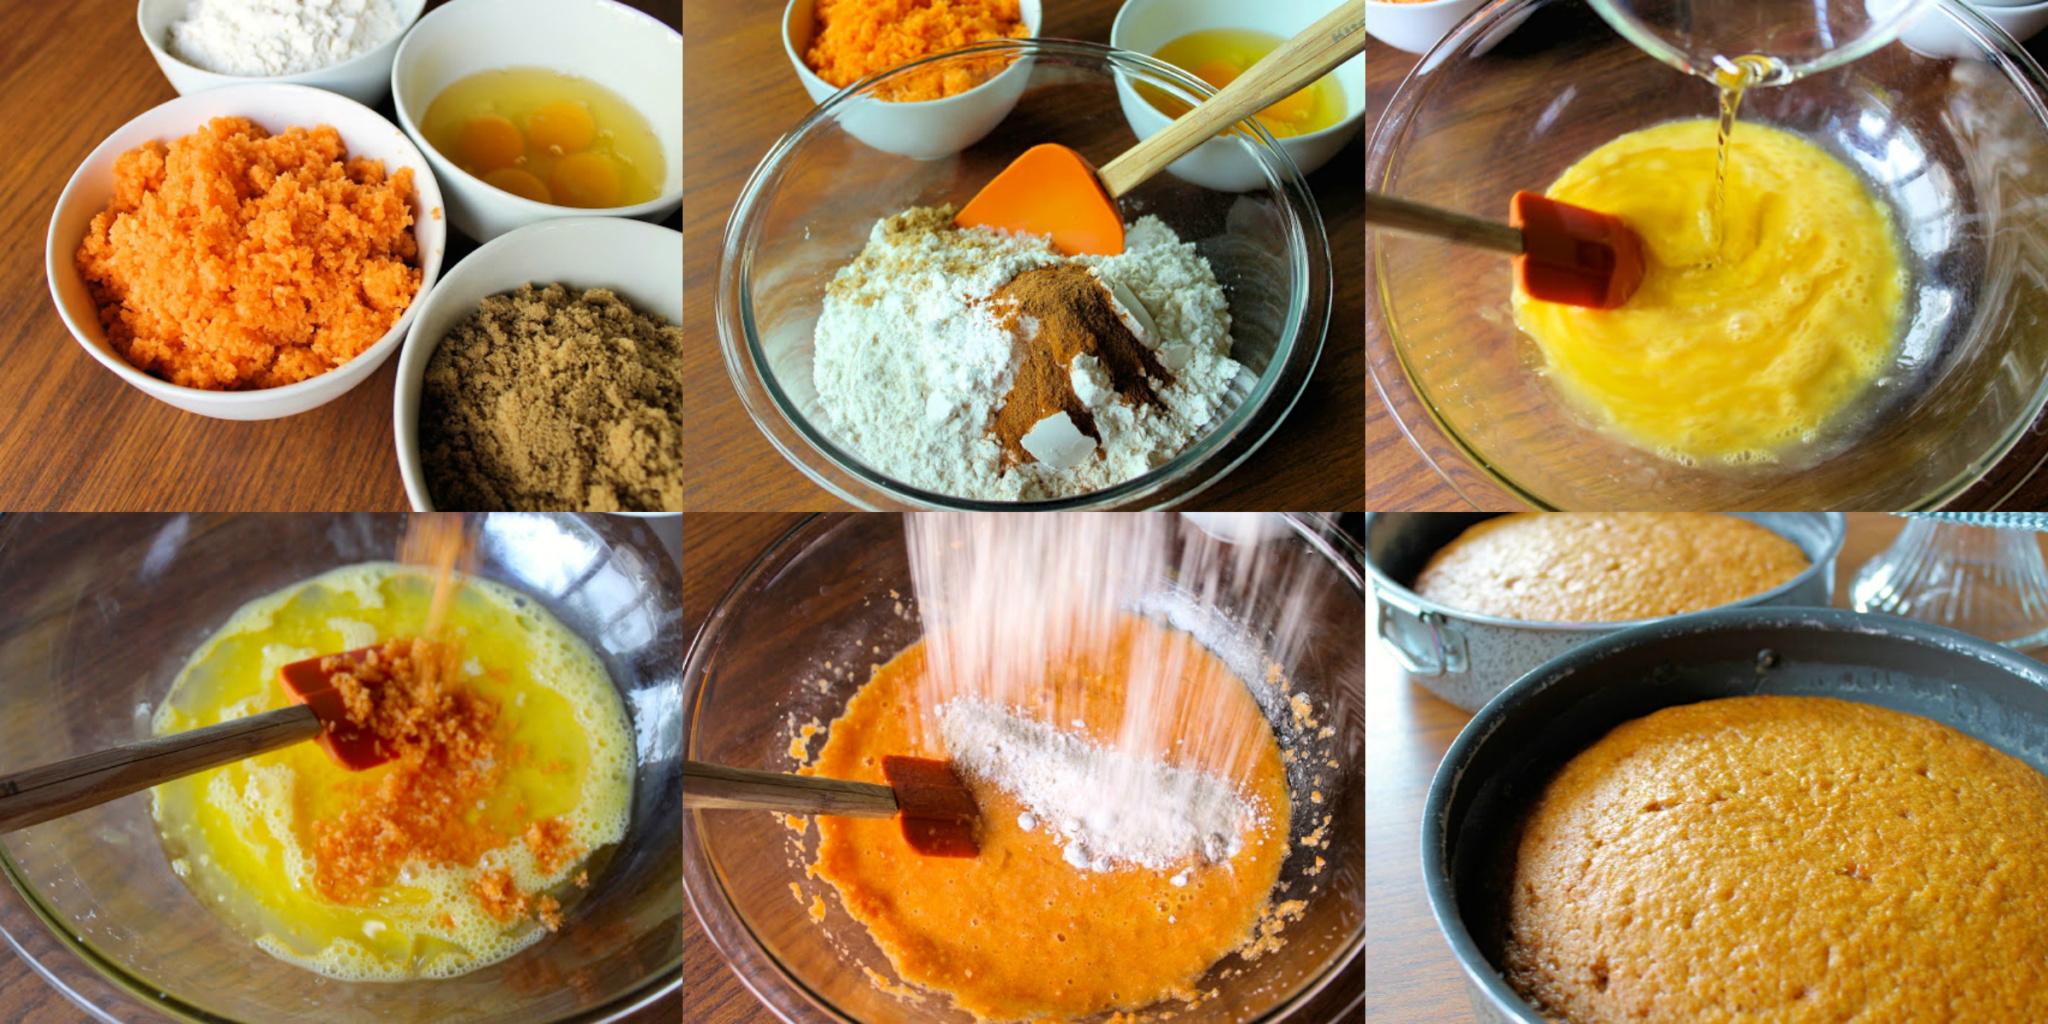 Carrot Cake The Perfect Recipe Savoir Faire By Enrilemoine 2 cucharadas de aceite de girasol. carrot cake the perfect recipe